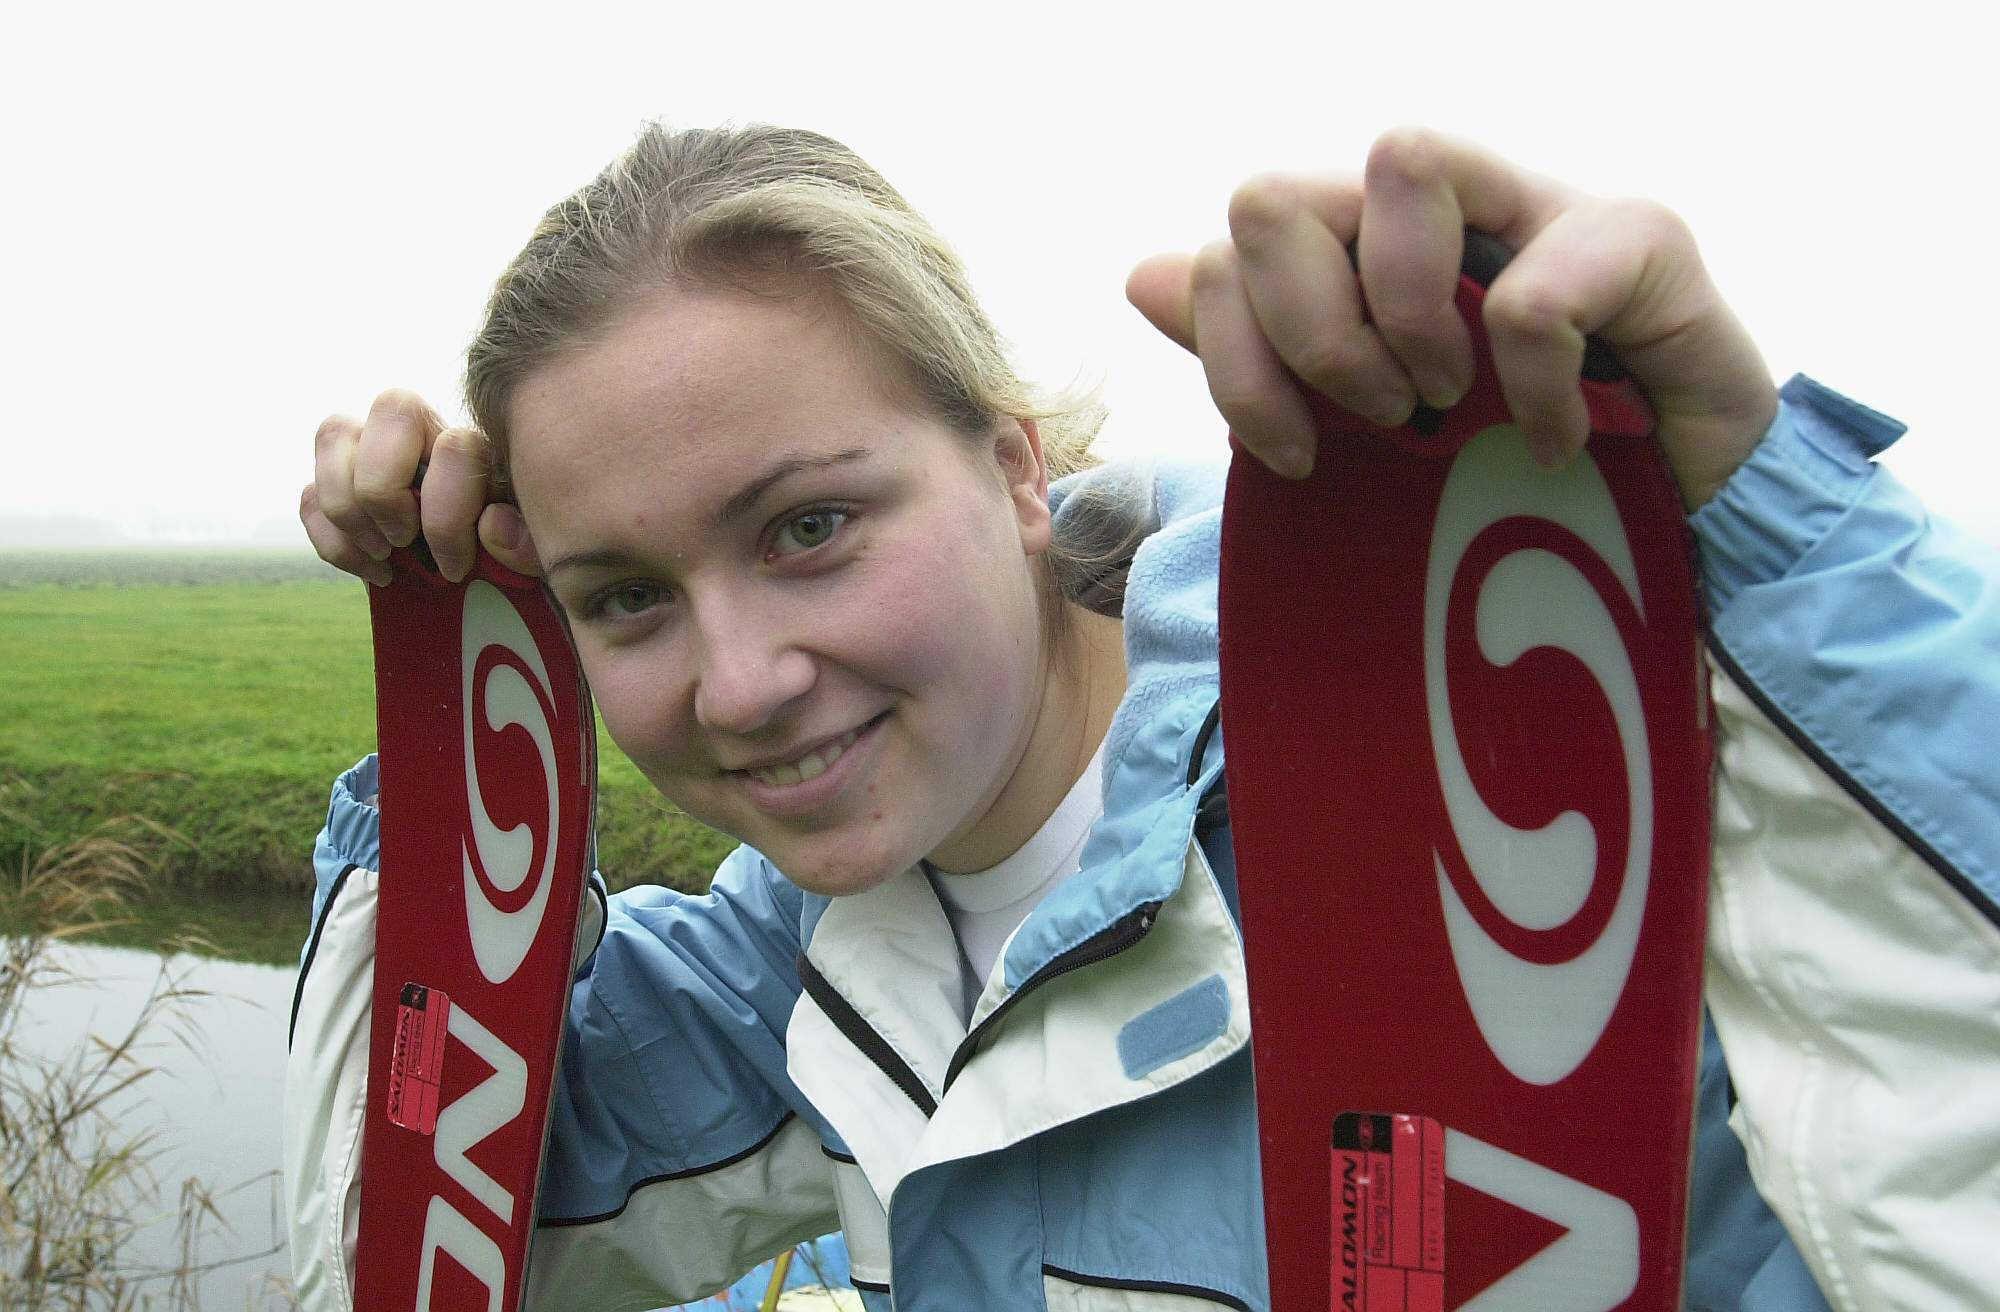 Tessa Bruggink heeft alleen de internationale prijzen bewaard. 'Andere medailles en bekers heb ik ingeleverd bij iemand die ze kan hergebruiken'